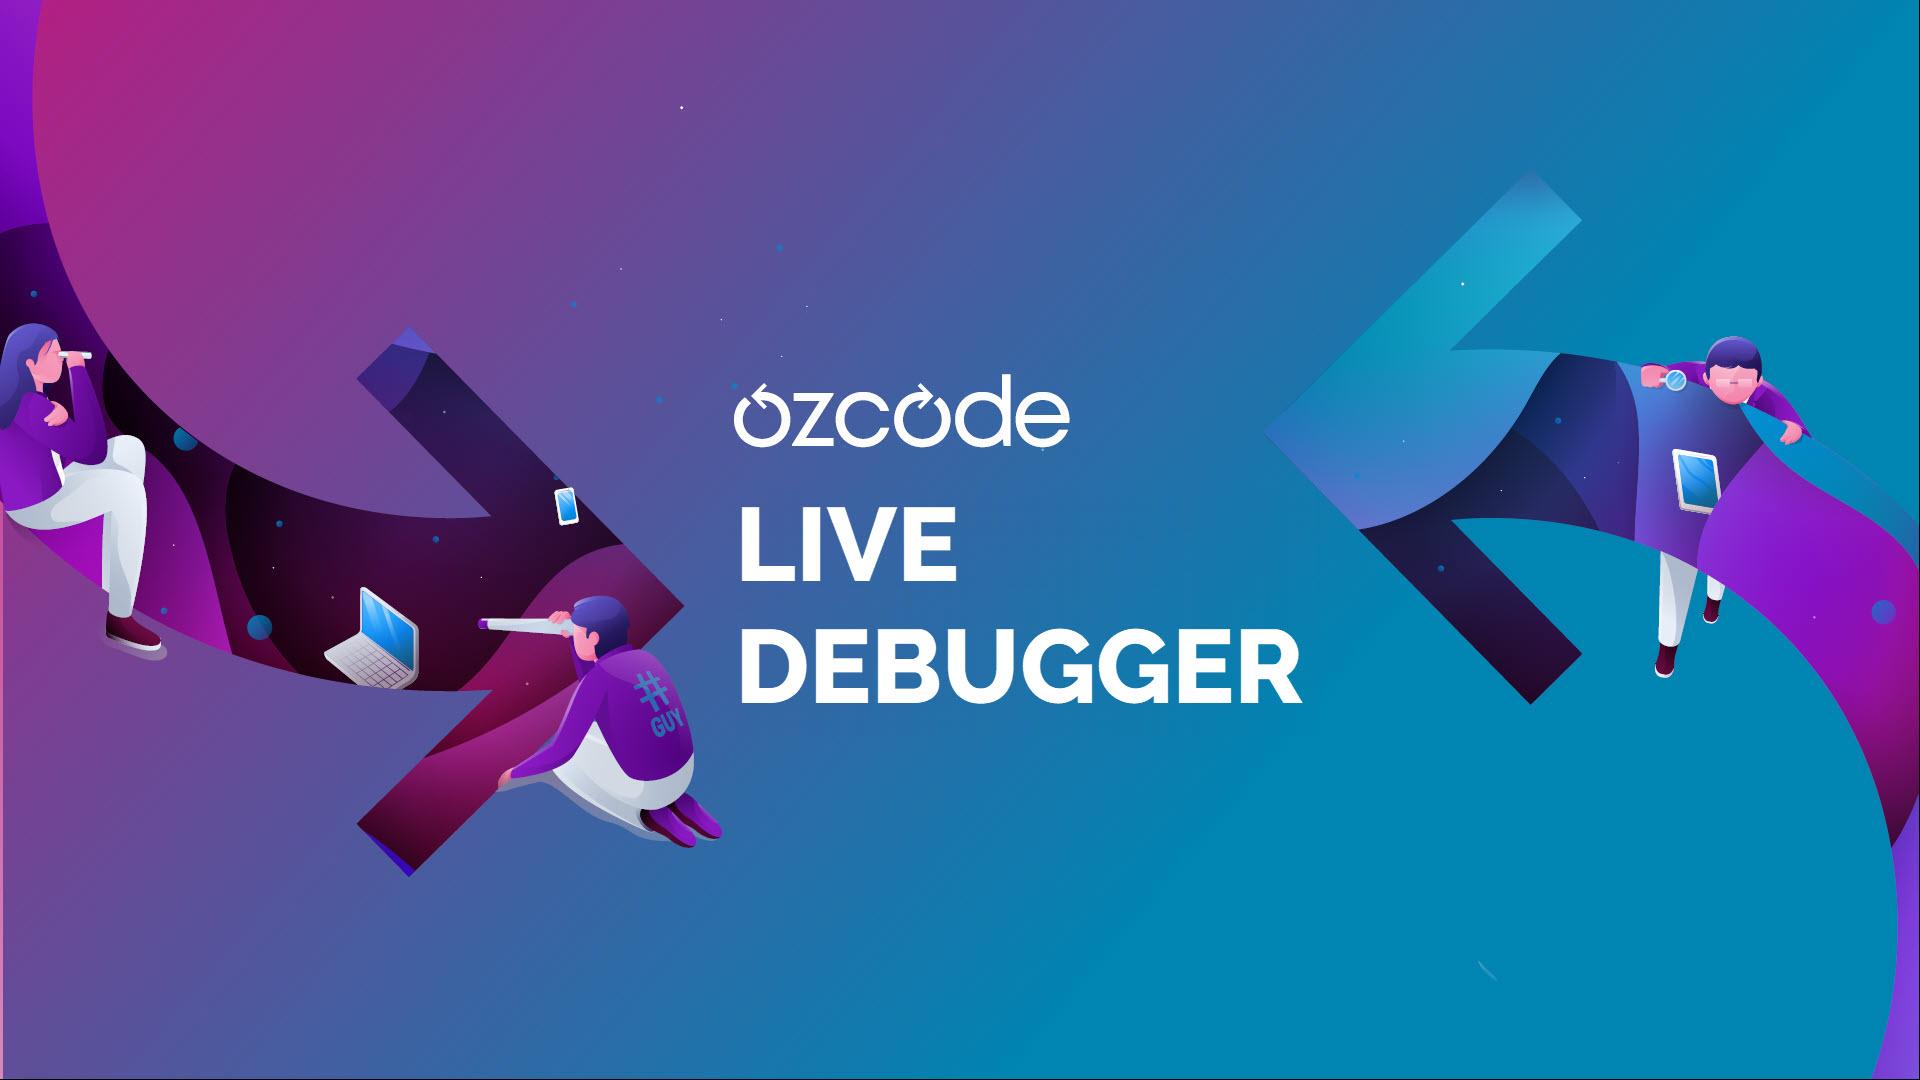 Ozcode Live Debugger